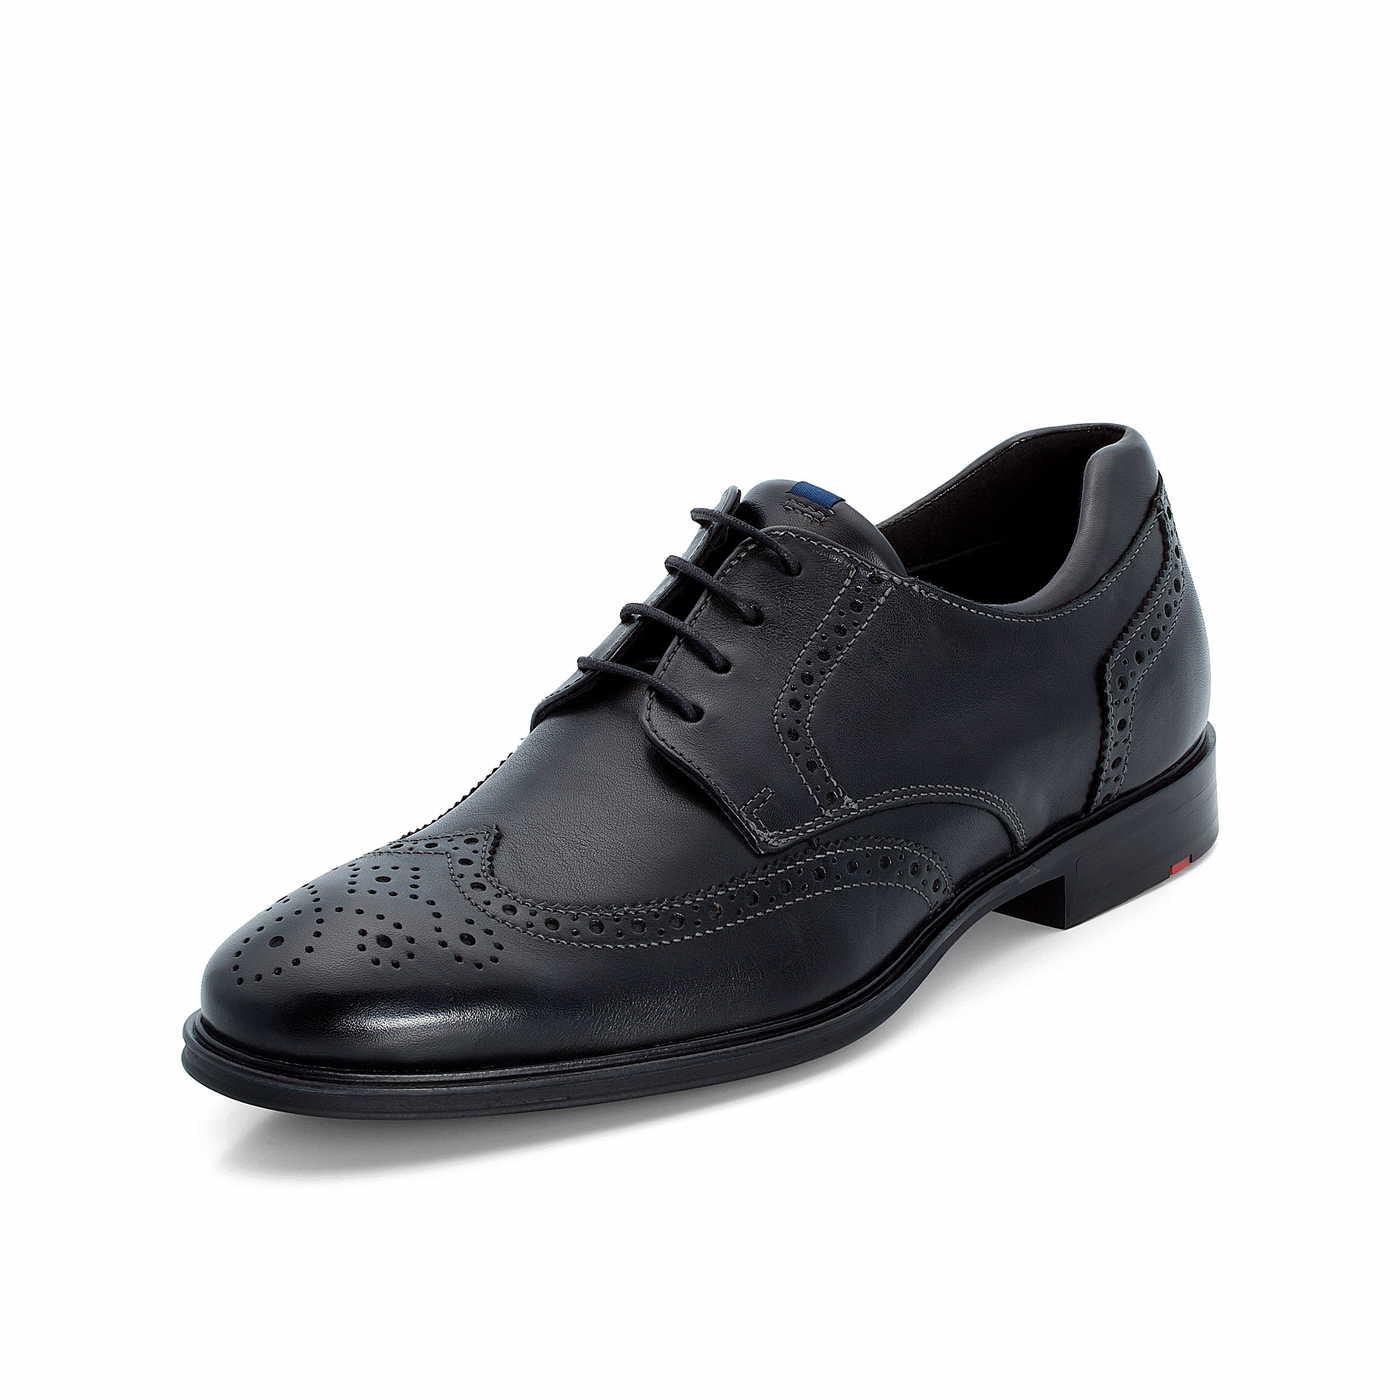 Herren Lloyd Business Schuhe schwarz 47